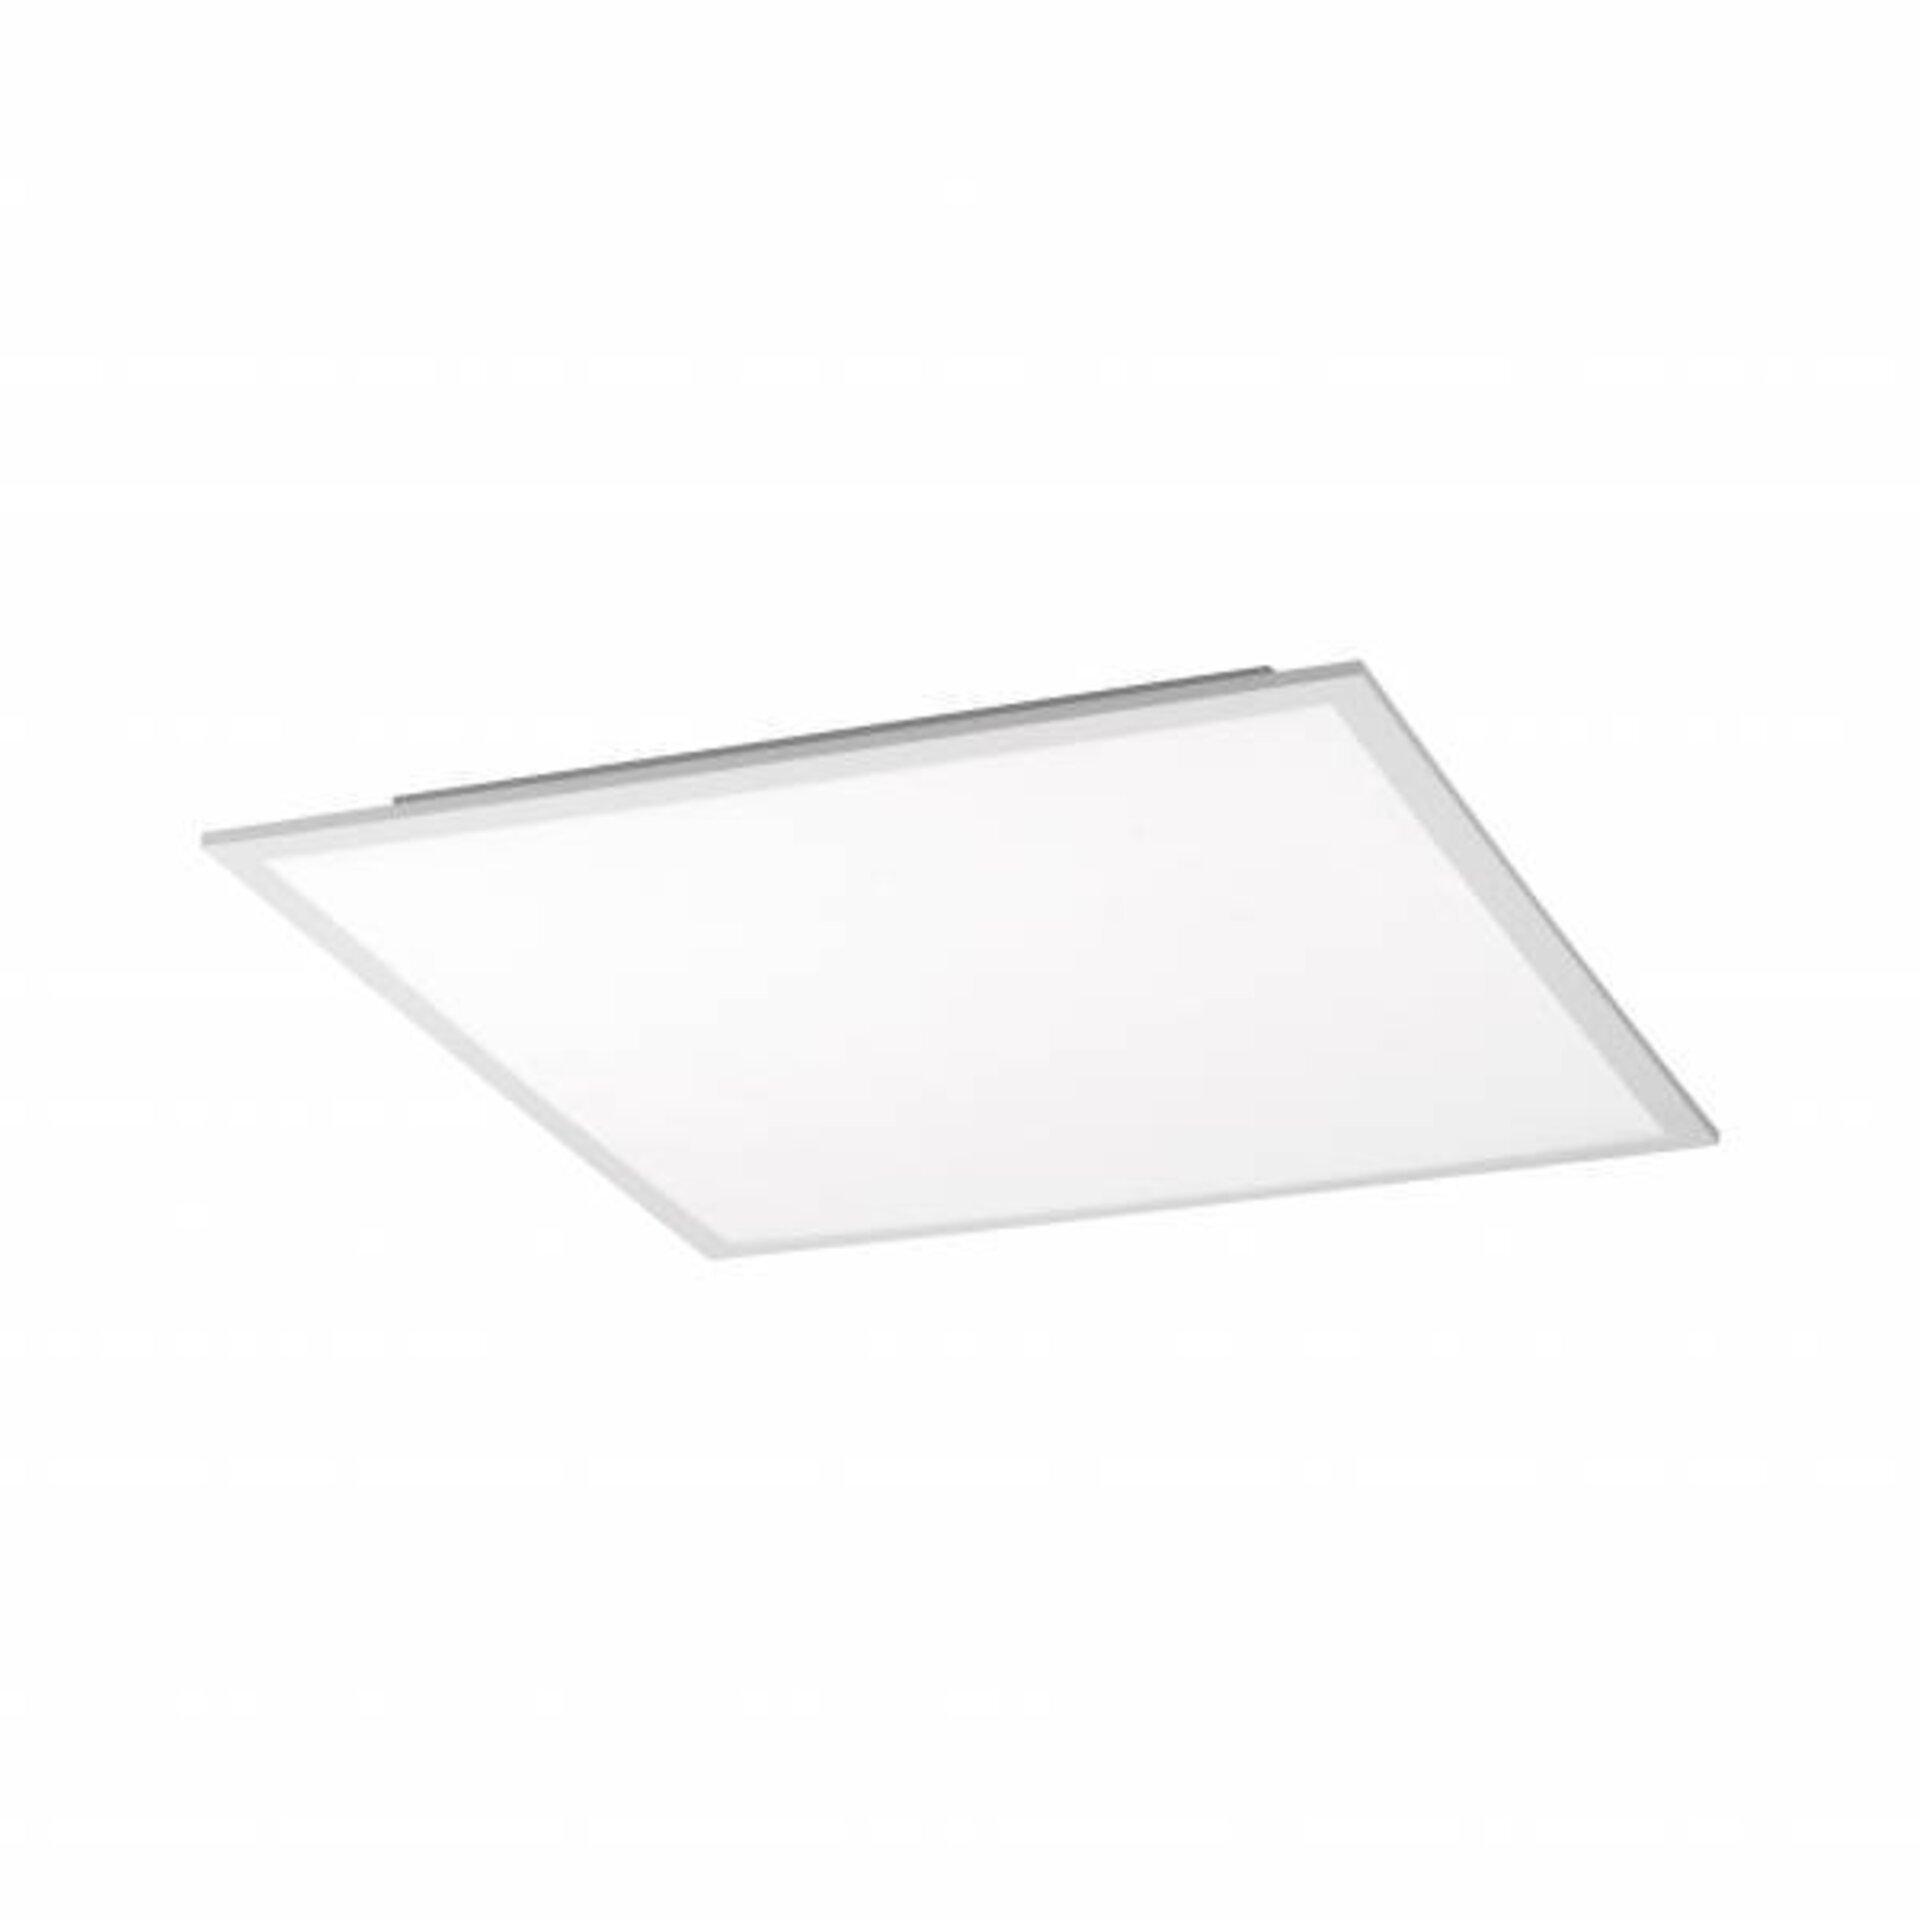 Deckenleuchte FLAT Leuchtendirekt Metall weiß 45 x 6 x 45 cm